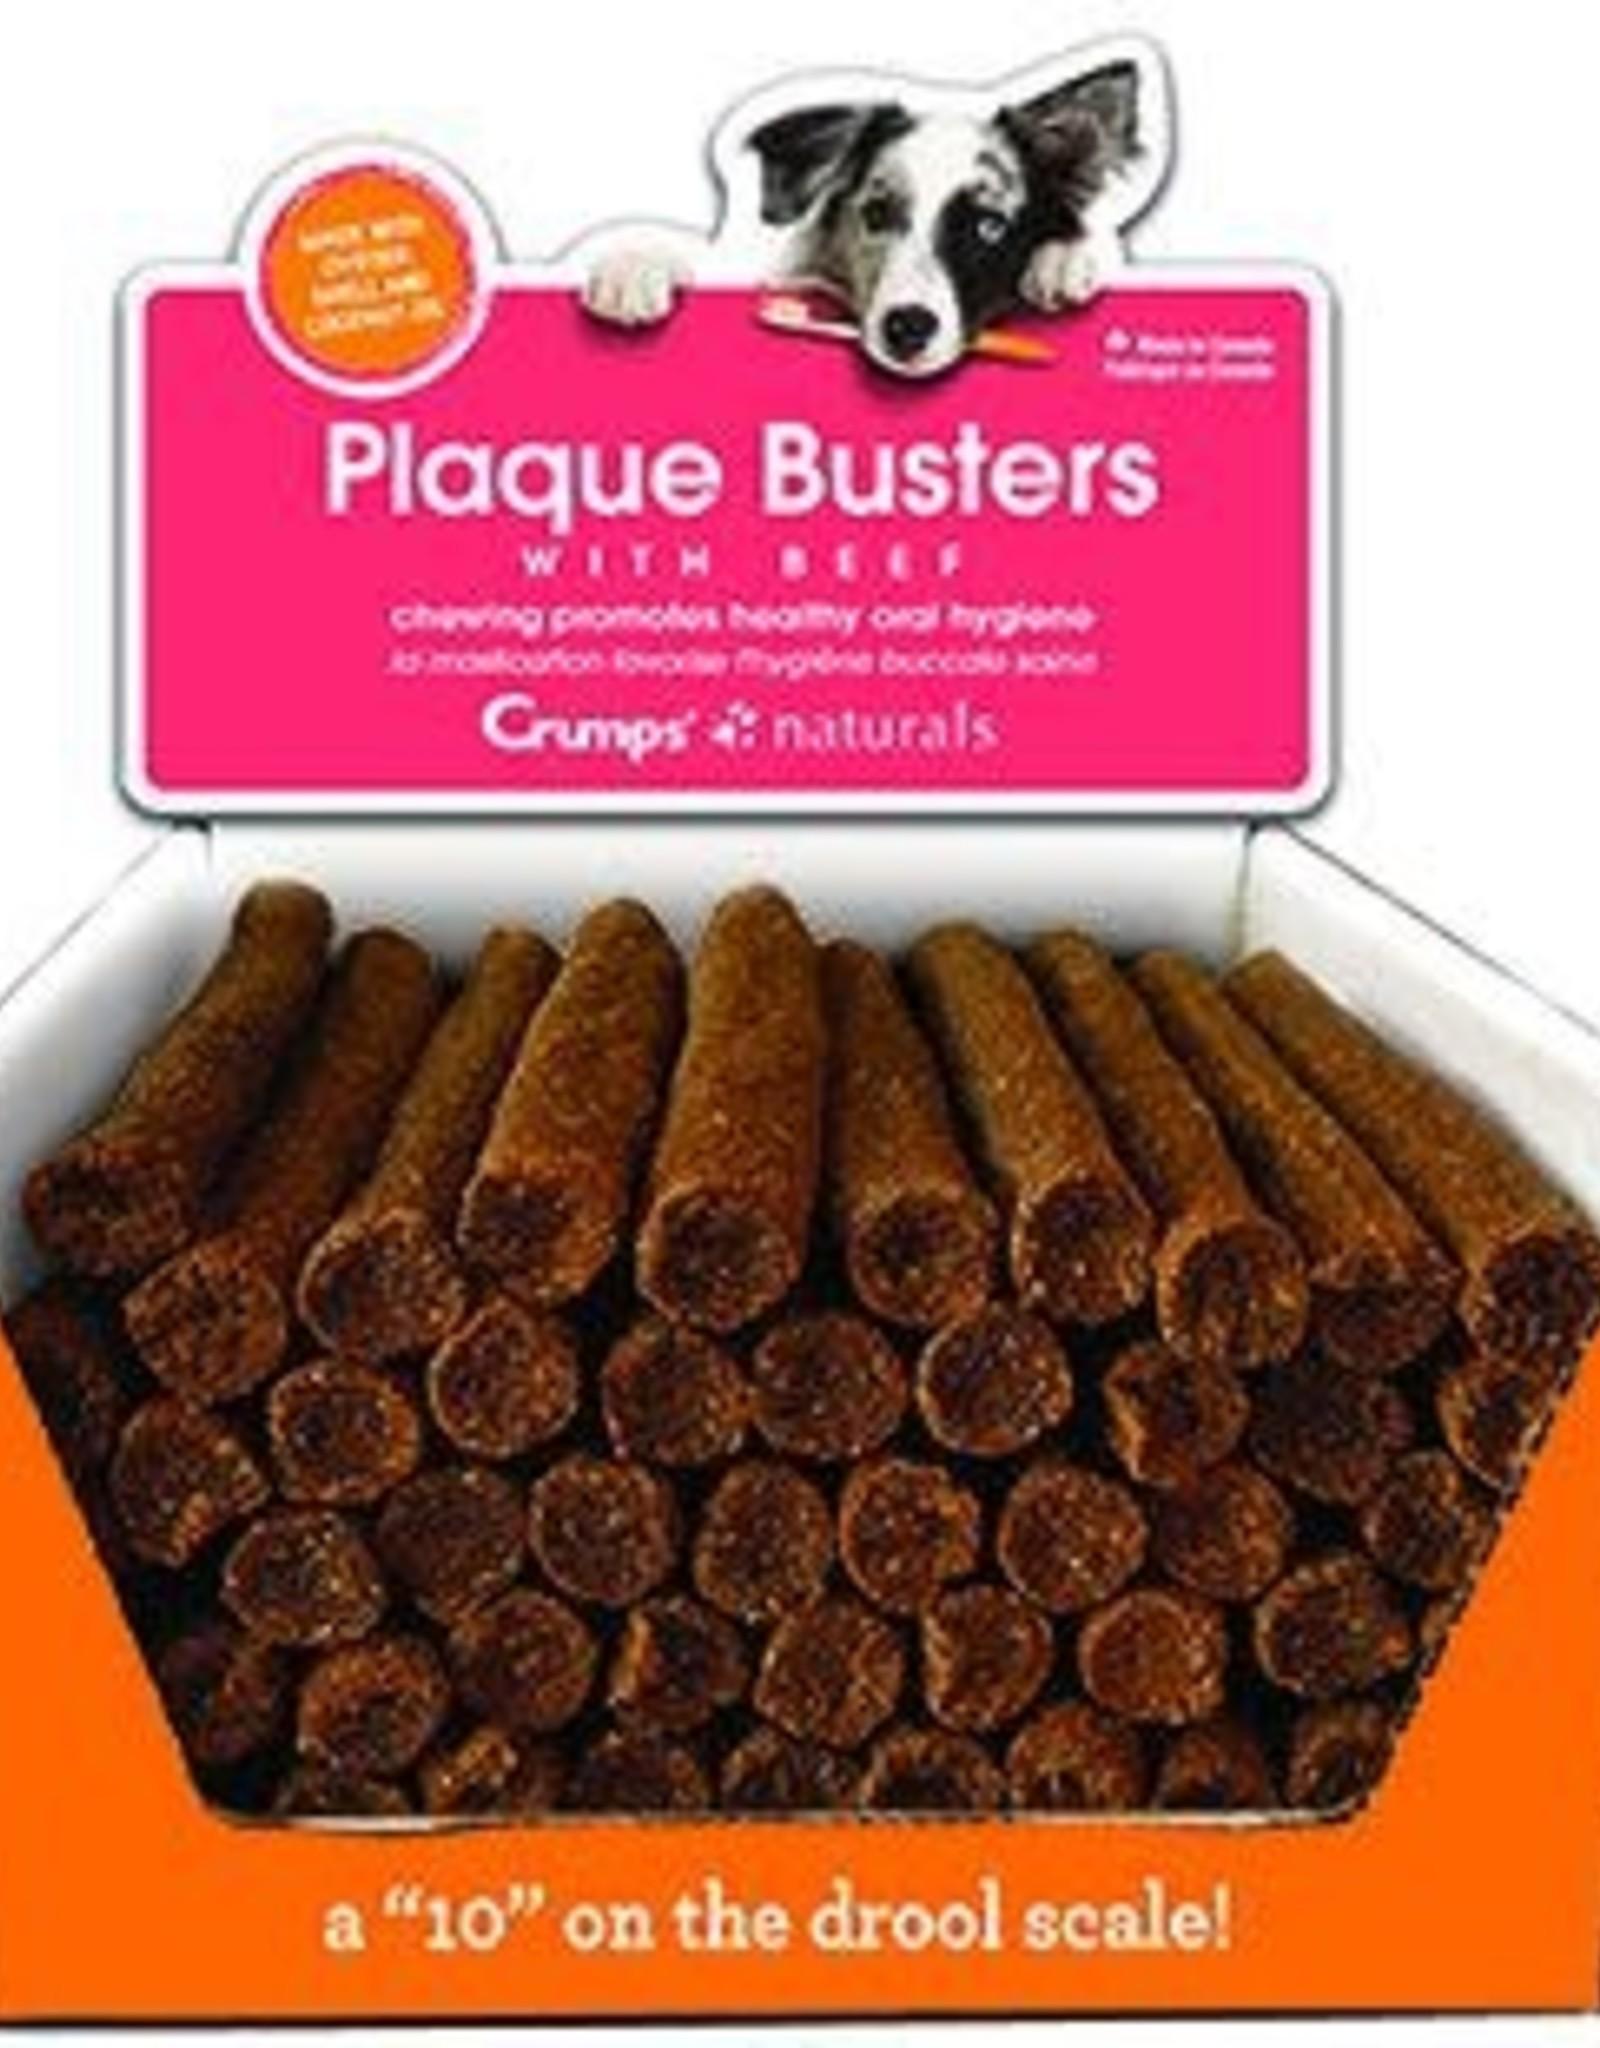 Crumps Natural Crumps' Naturals Plaque Buster Beef - 1pc